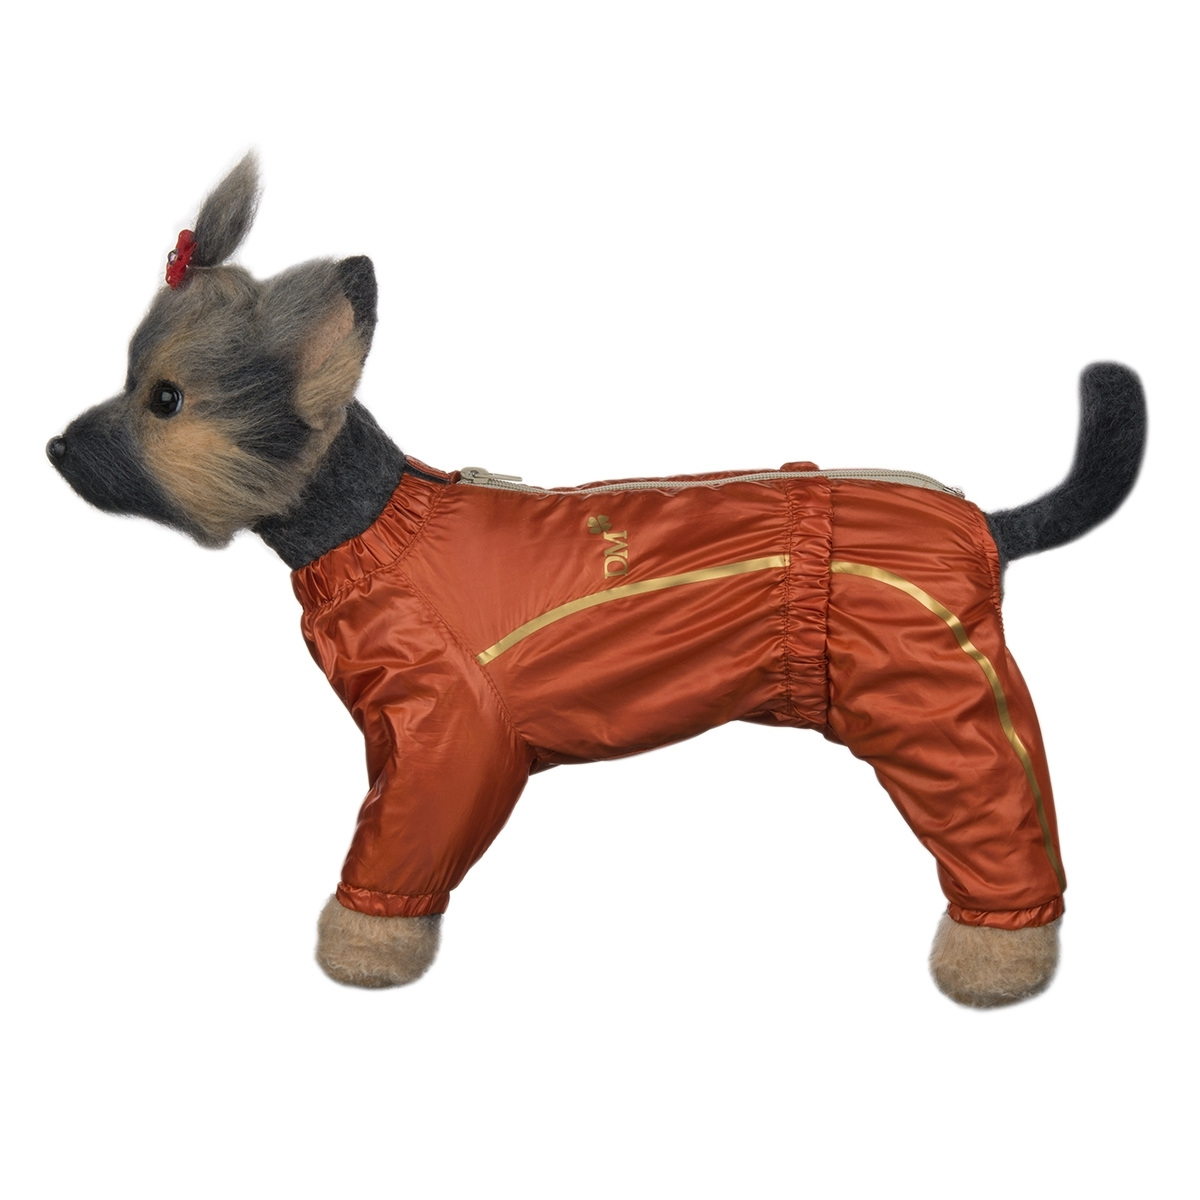 Комбинезон для собак Dogmoda Альпы, для девочки, цвет: оранжевый. Размер 1 (S). DM-160102DM-160102-1_оранжКомбинезон для собак Dogmoda Альпы отлично подойдет для прогулок поздней осенью или ранней весной. Комбинезон изготовлен из полиэстера, защищающего от ветра и осадков, с подкладкой из вискозы и полиэстера, которая сохранит тепло и обеспечит отличный воздухообмен. Комбинезон застегивается на молнию и липучку, благодаря чему его легко надевать и снимать. Ворот, низ рукавов и брючин оснащены внутренними резинками, которые мягко обхватывают шею и лапки, не позволяя просачиваться холодному воздуху. На пояснице имеется внутренняя резинка. Изделие декорировано золотистыми полосками и надписью DM.Благодаря такому комбинезону простуда не грозит вашему питомцу и он не даст любимцу продрогнуть на прогулке.Длина по спинке: 20 см.Объем груди: 33 см.Обхват шеи: 21 см.Одежда для собак: нужна ли она и как её выбрать. Статья OZON Гид